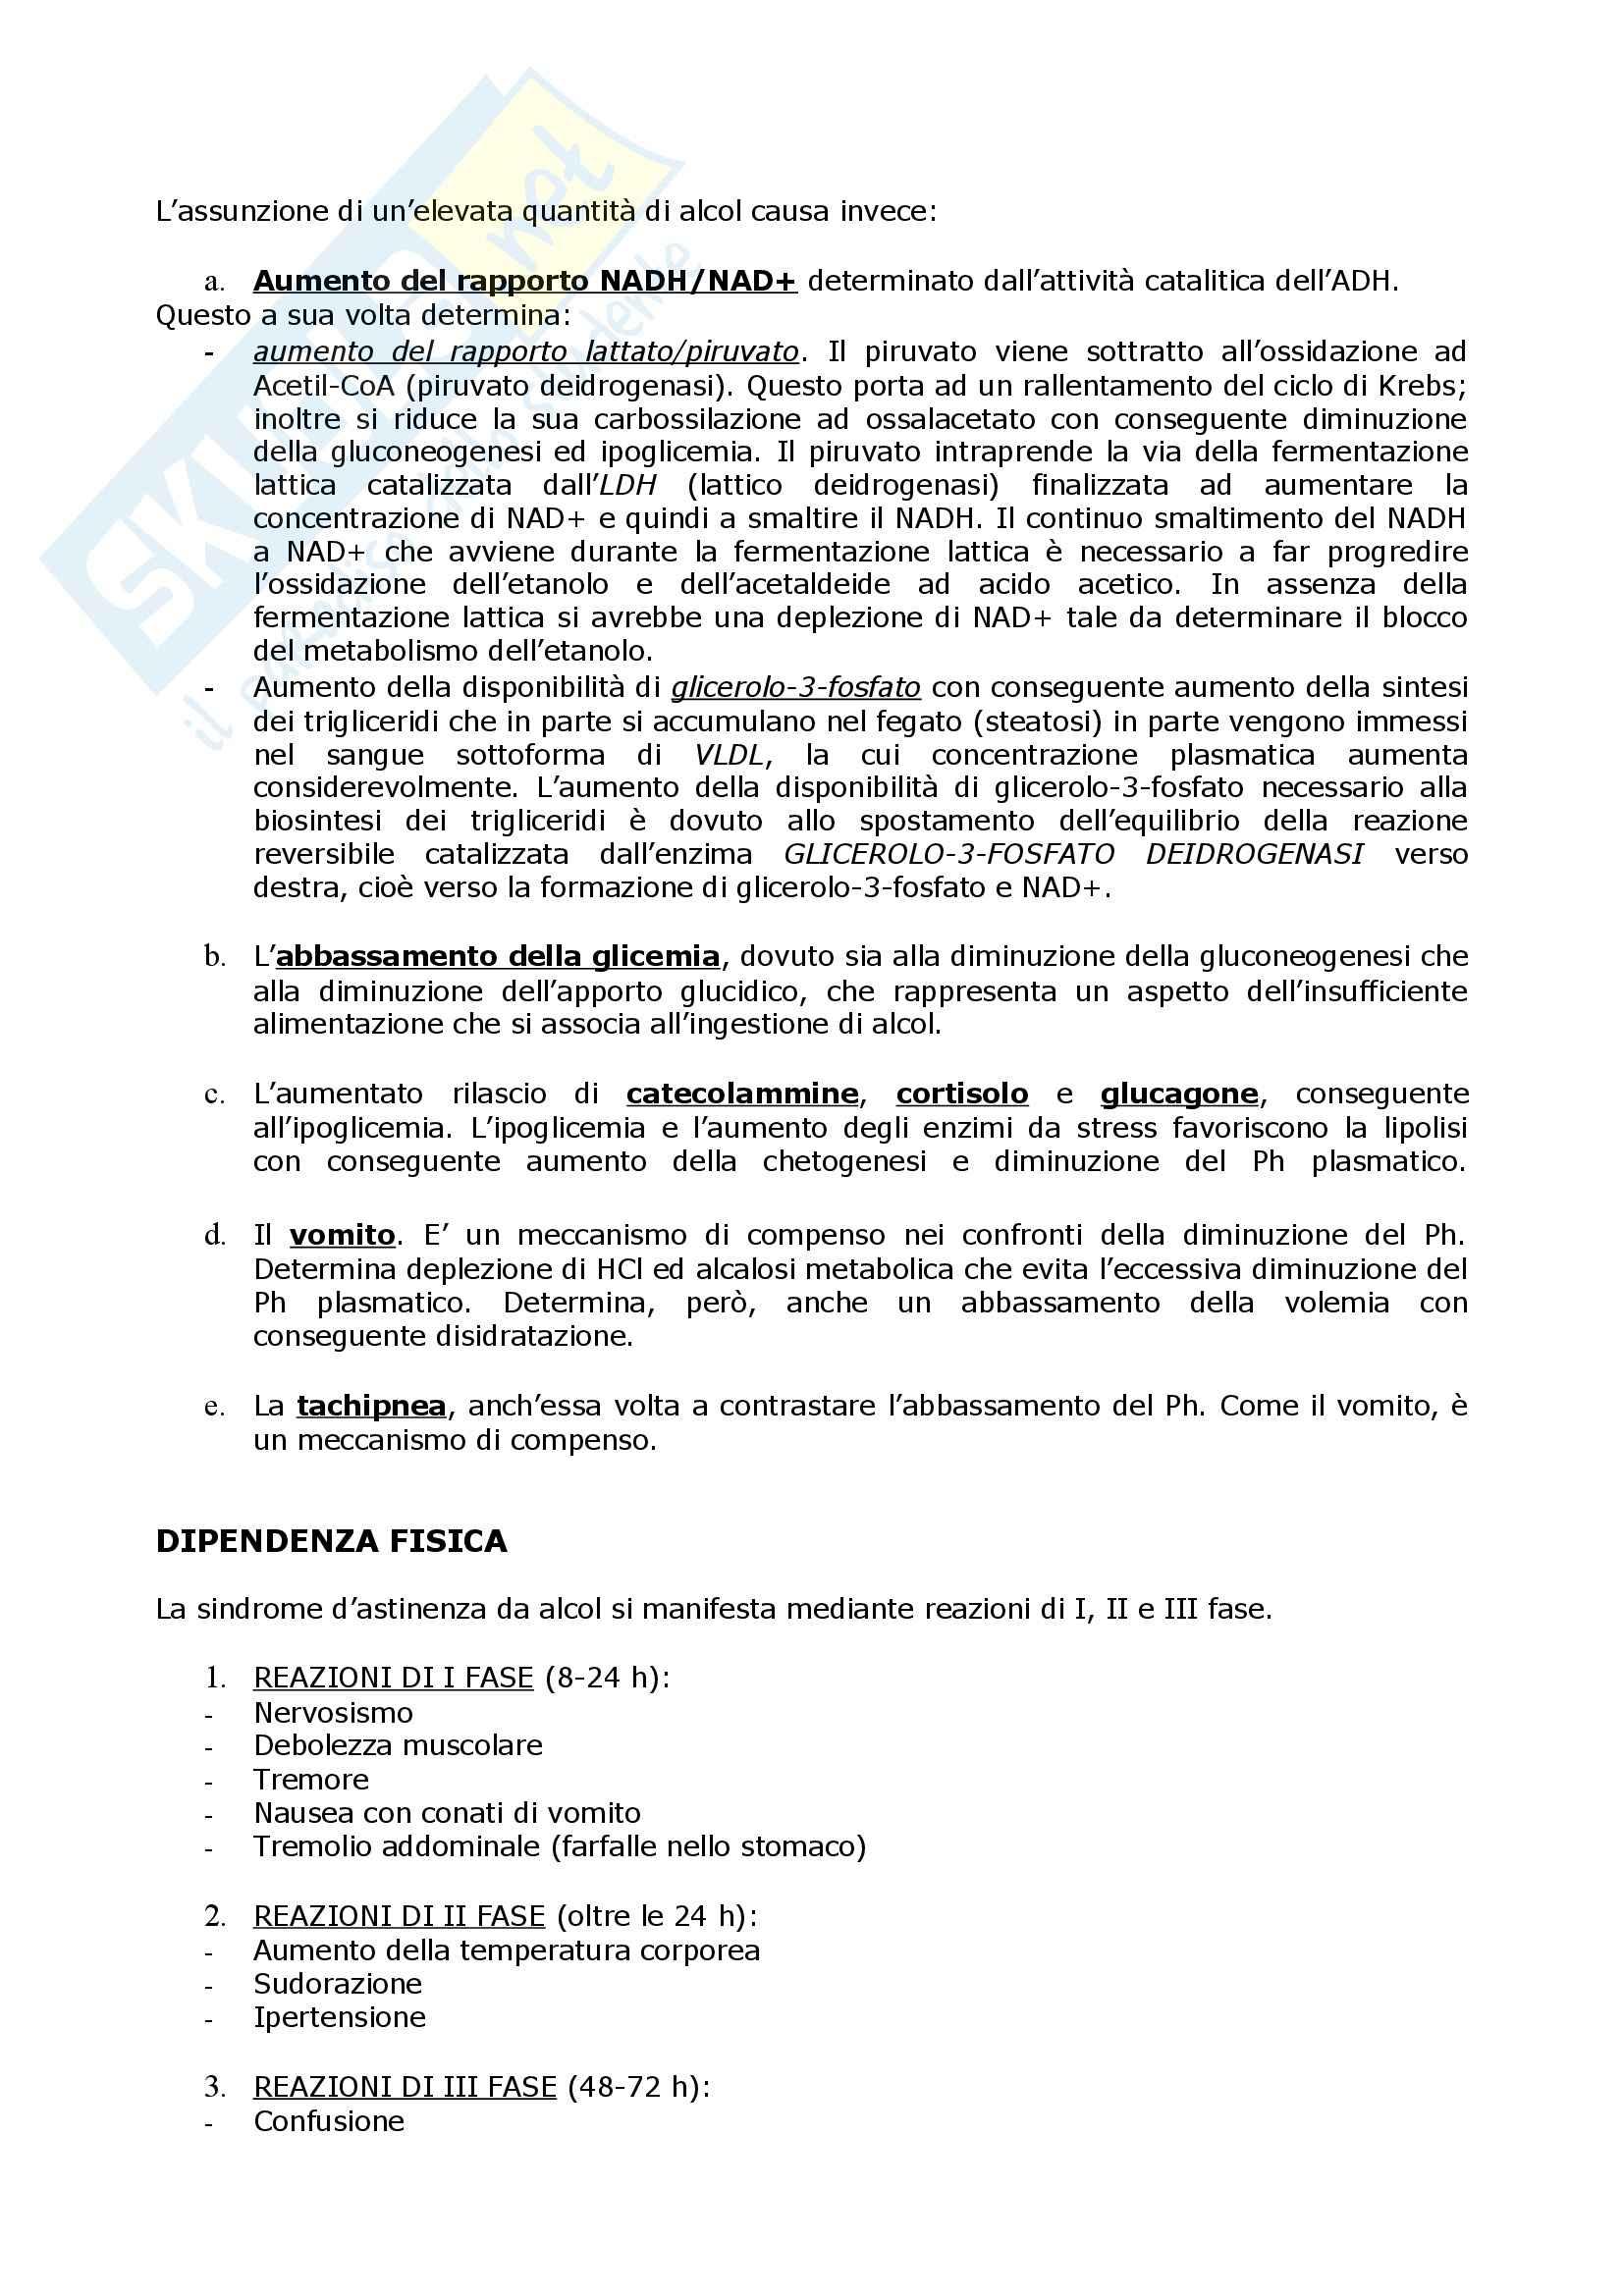 Biochimica  e Patologia clinica - Appunti Pag. 16